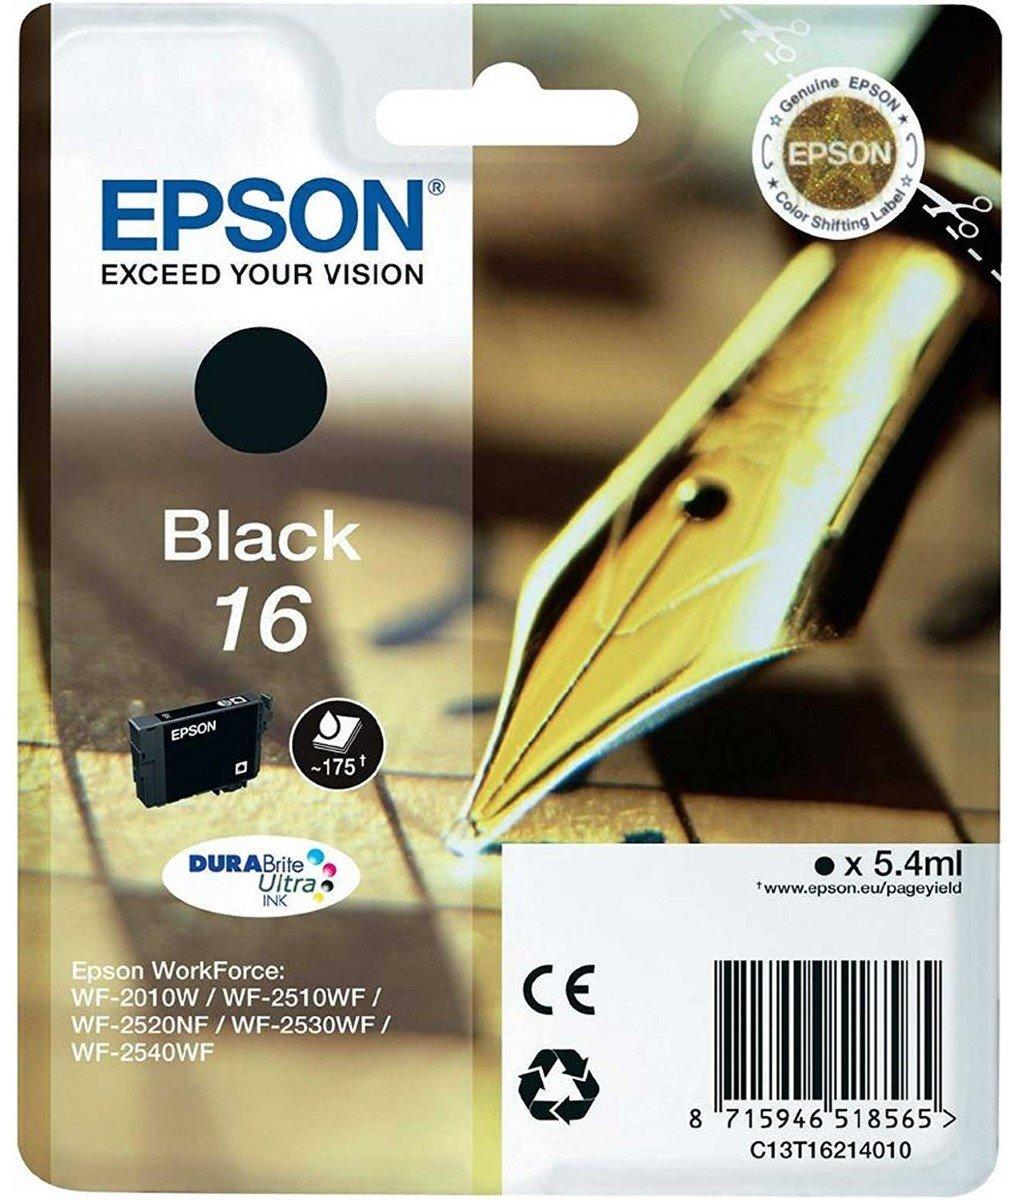 Epson Workforce WF-2630WF - Impresora multifunción de tinta + Cartucho Negro: Amazon.es: Informática